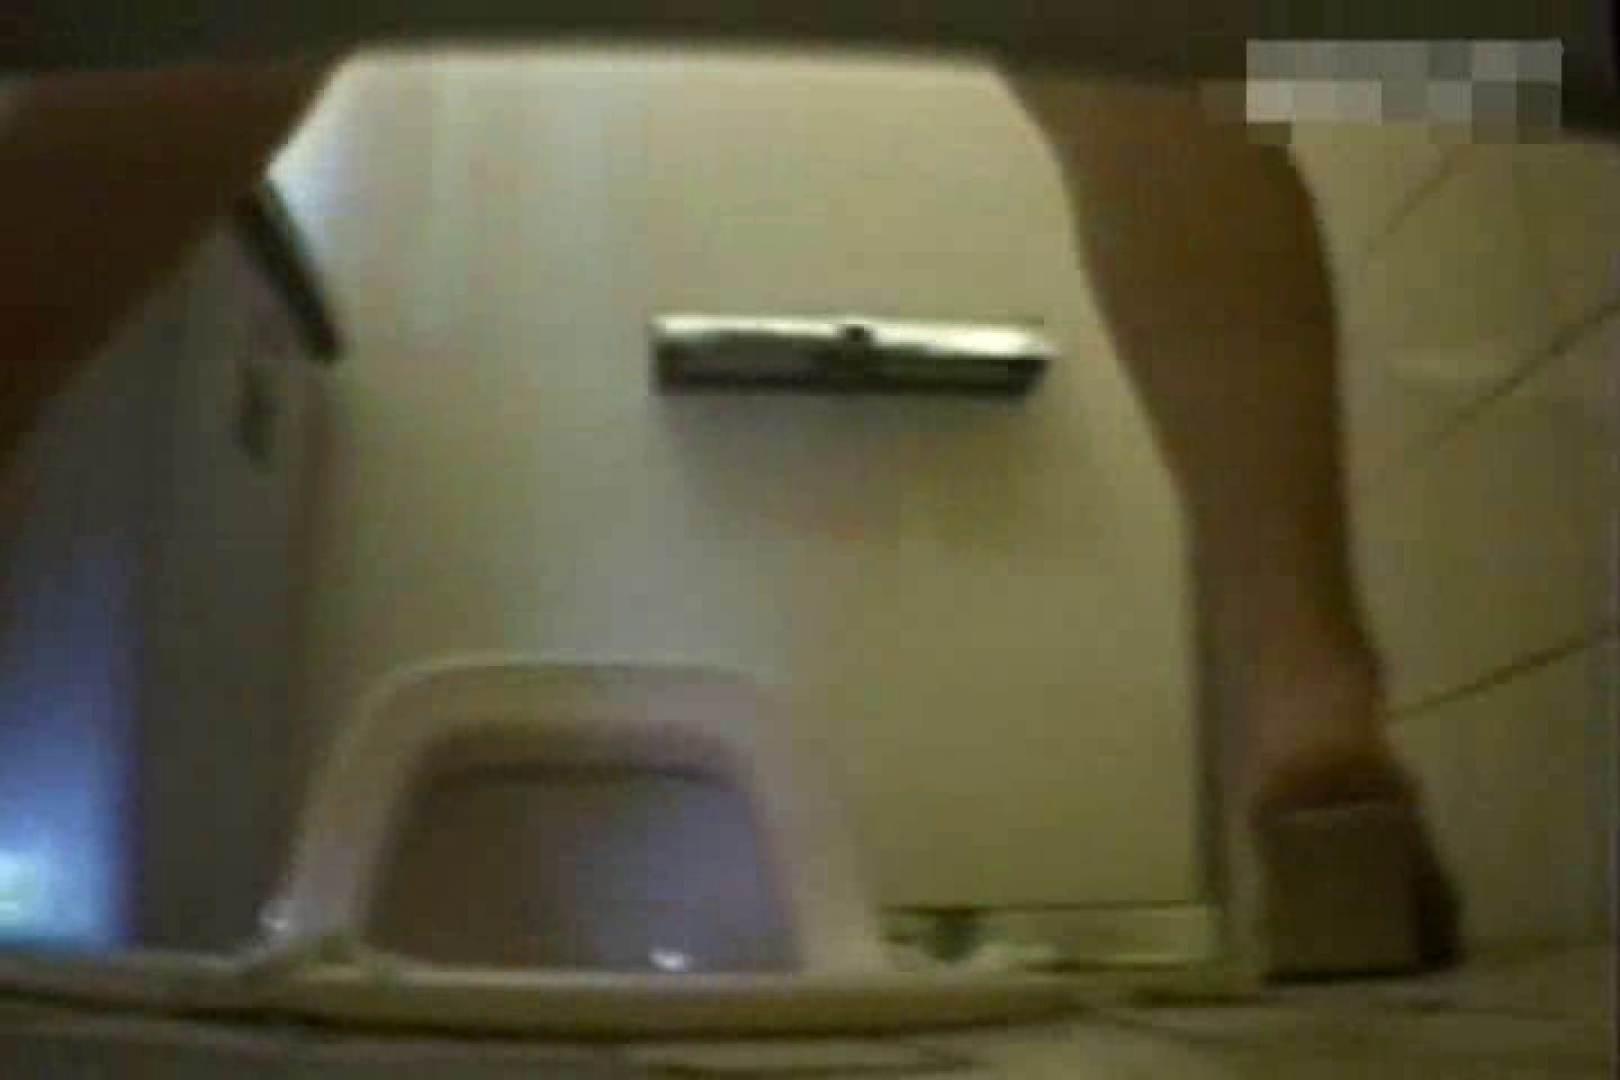 個室狂いのマニア映像Vol.2 水着  33pic 32